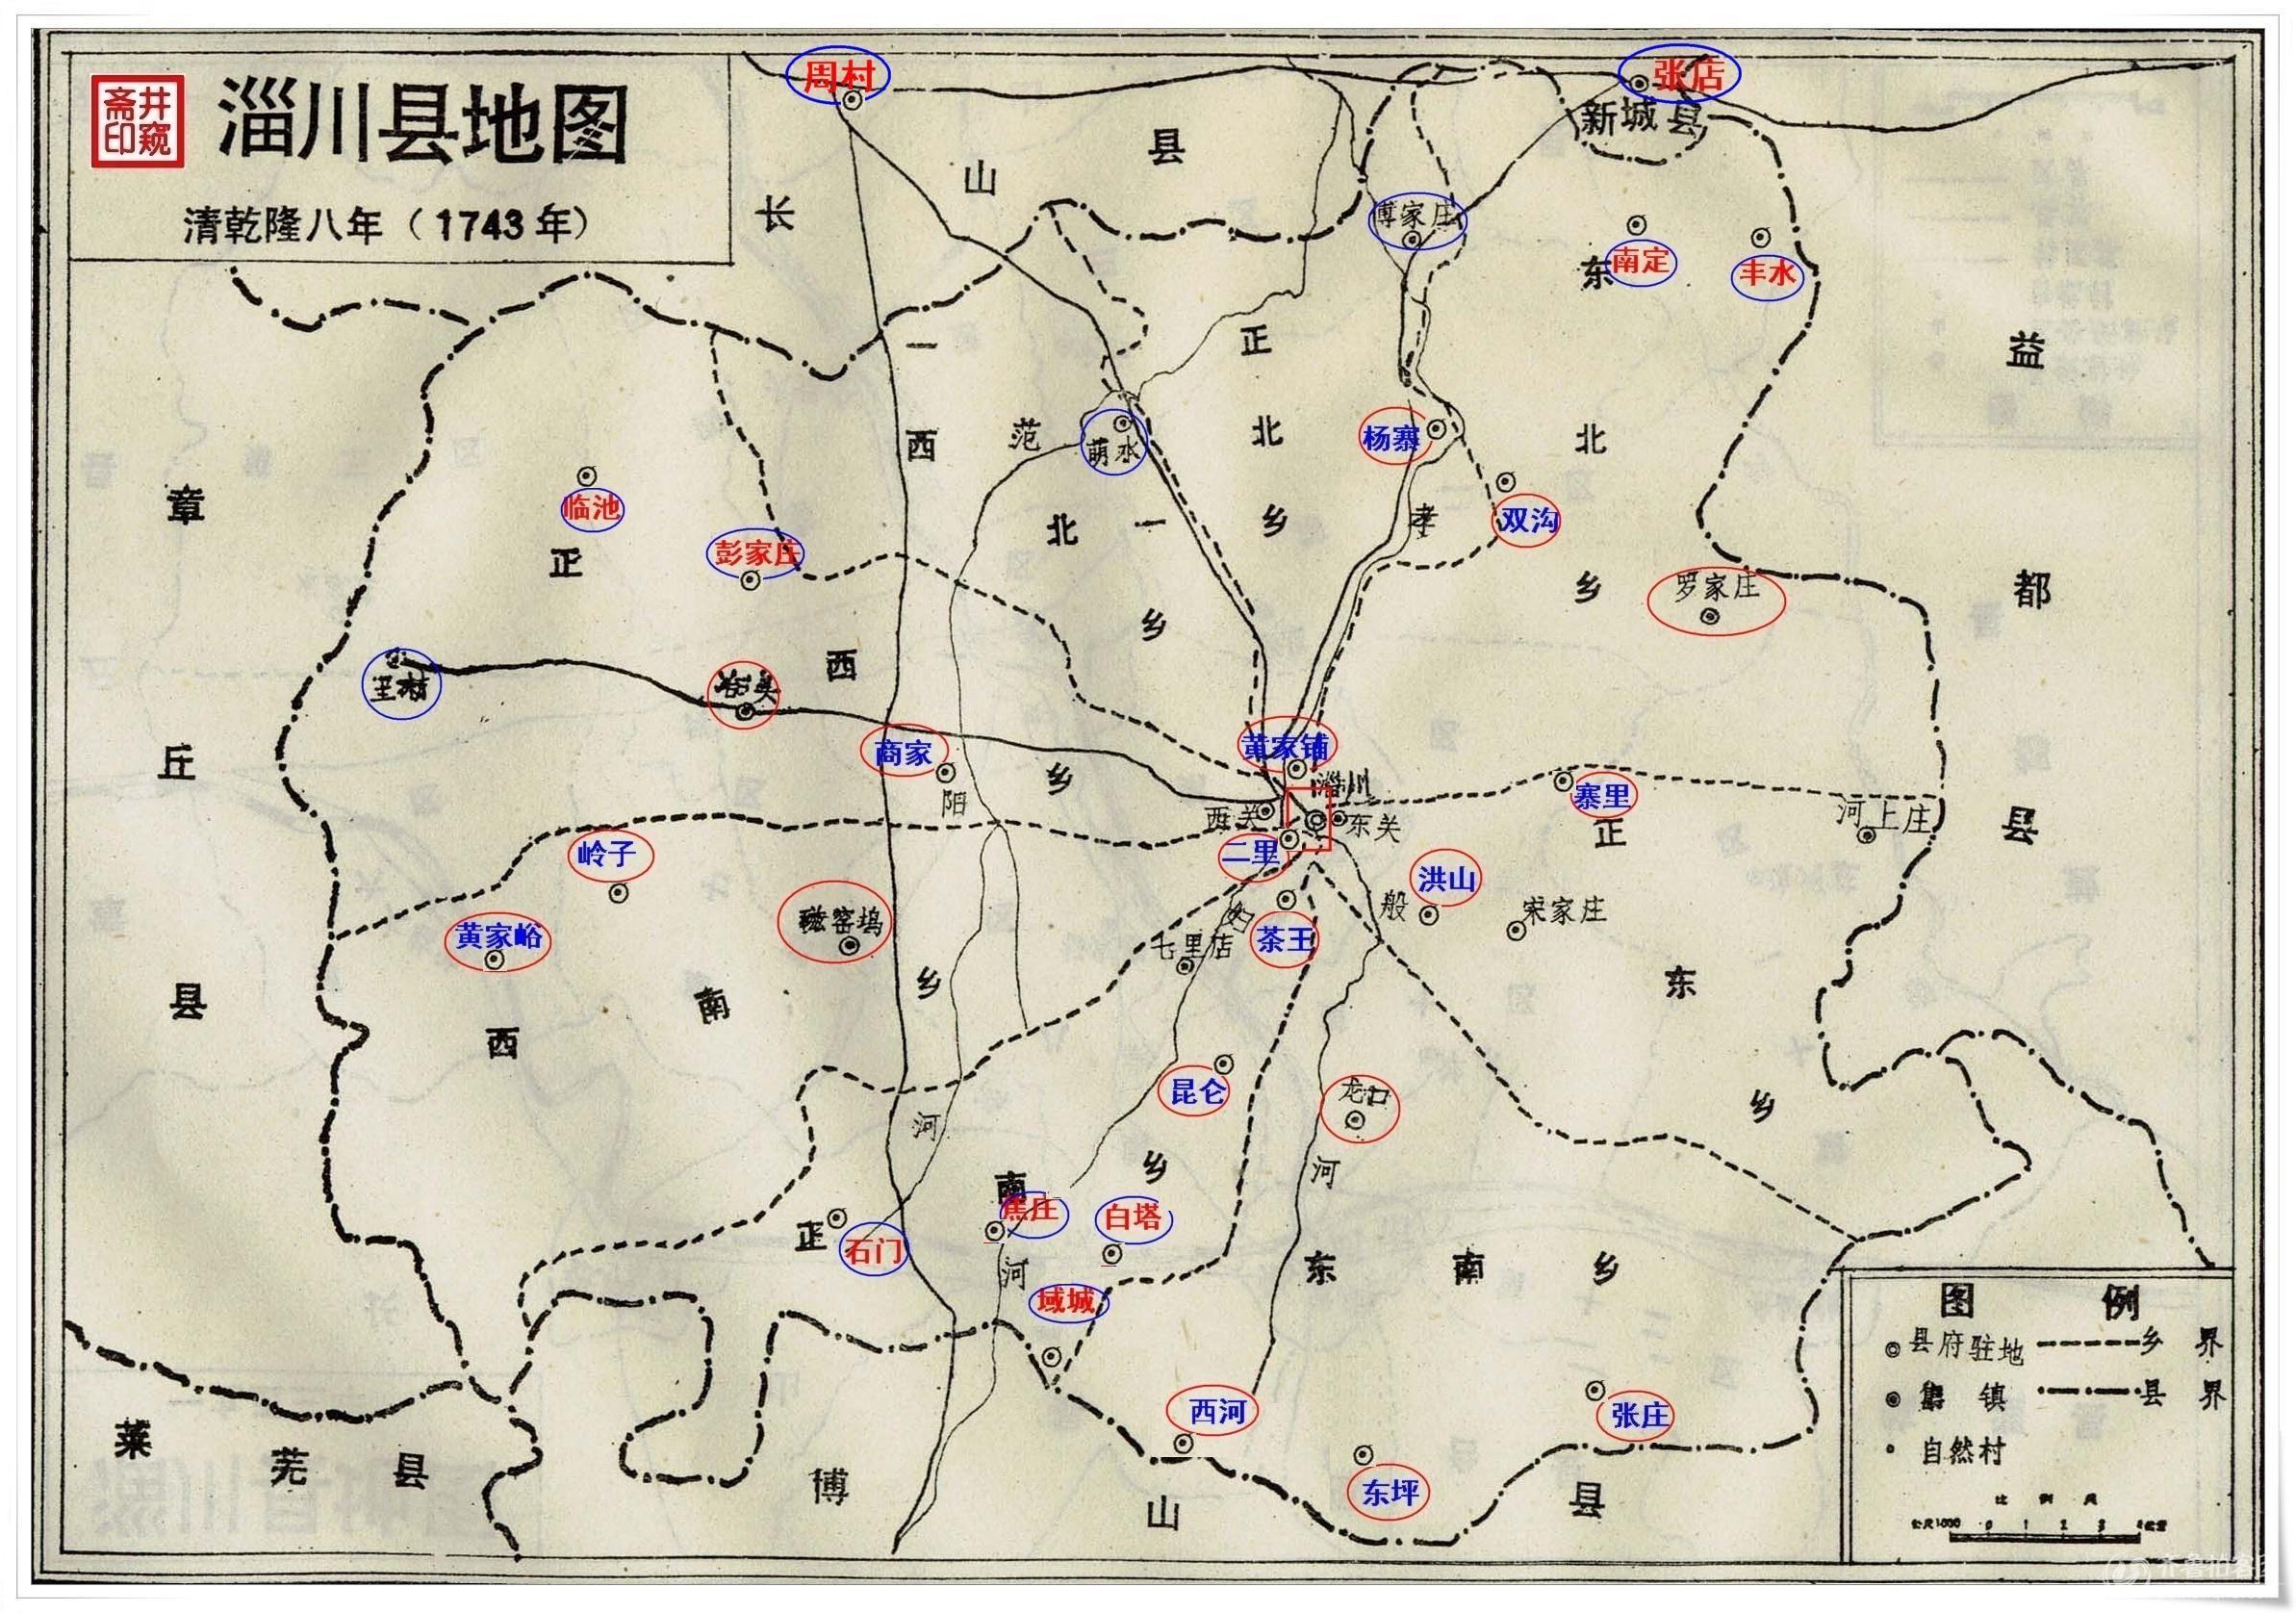 淄川老地图 - 淄博拍客